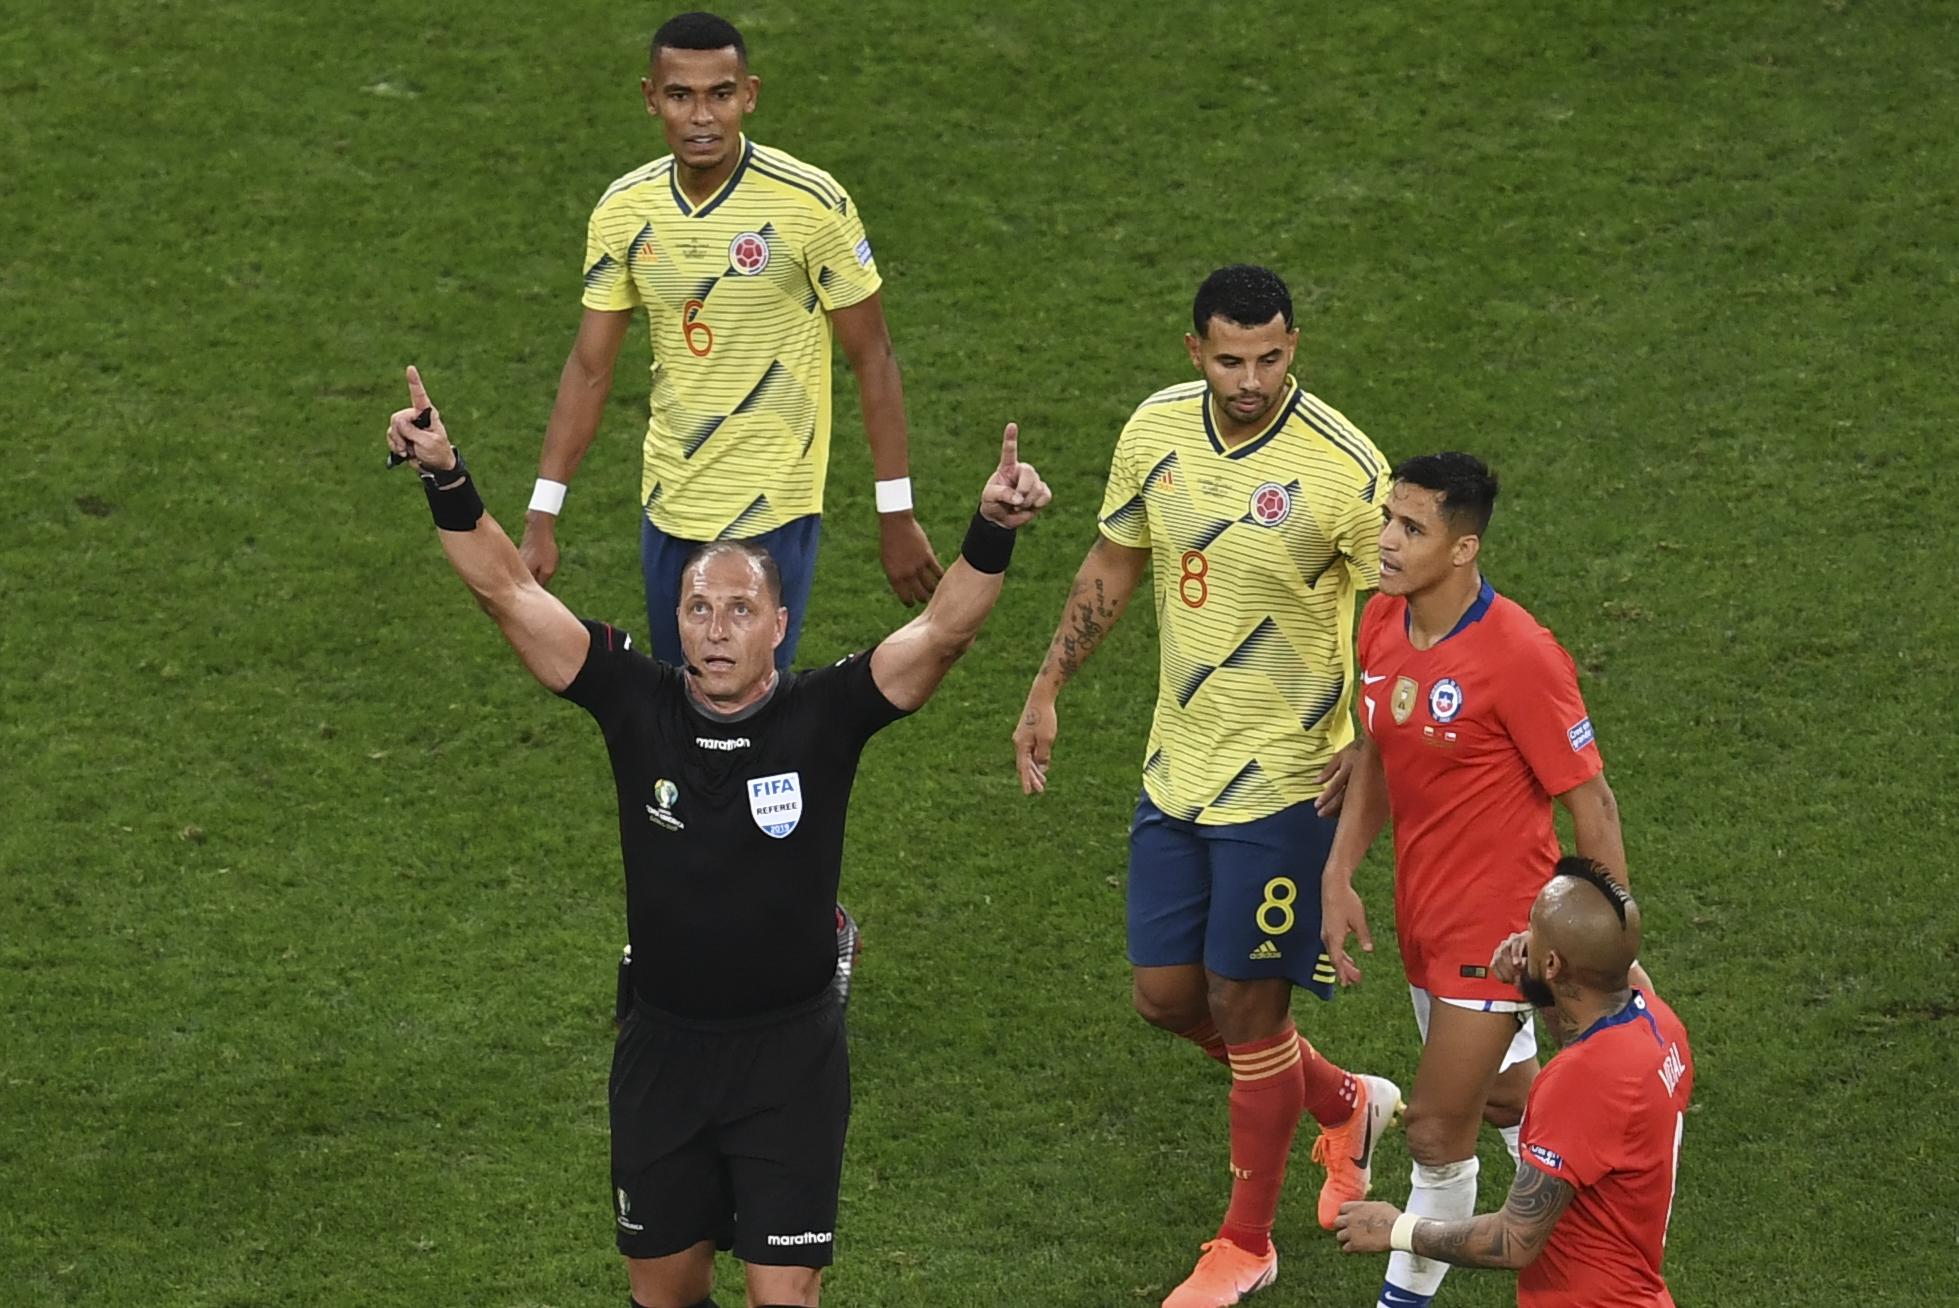 美洲杯四强产生 巴西阿根廷将上演巅峰对决